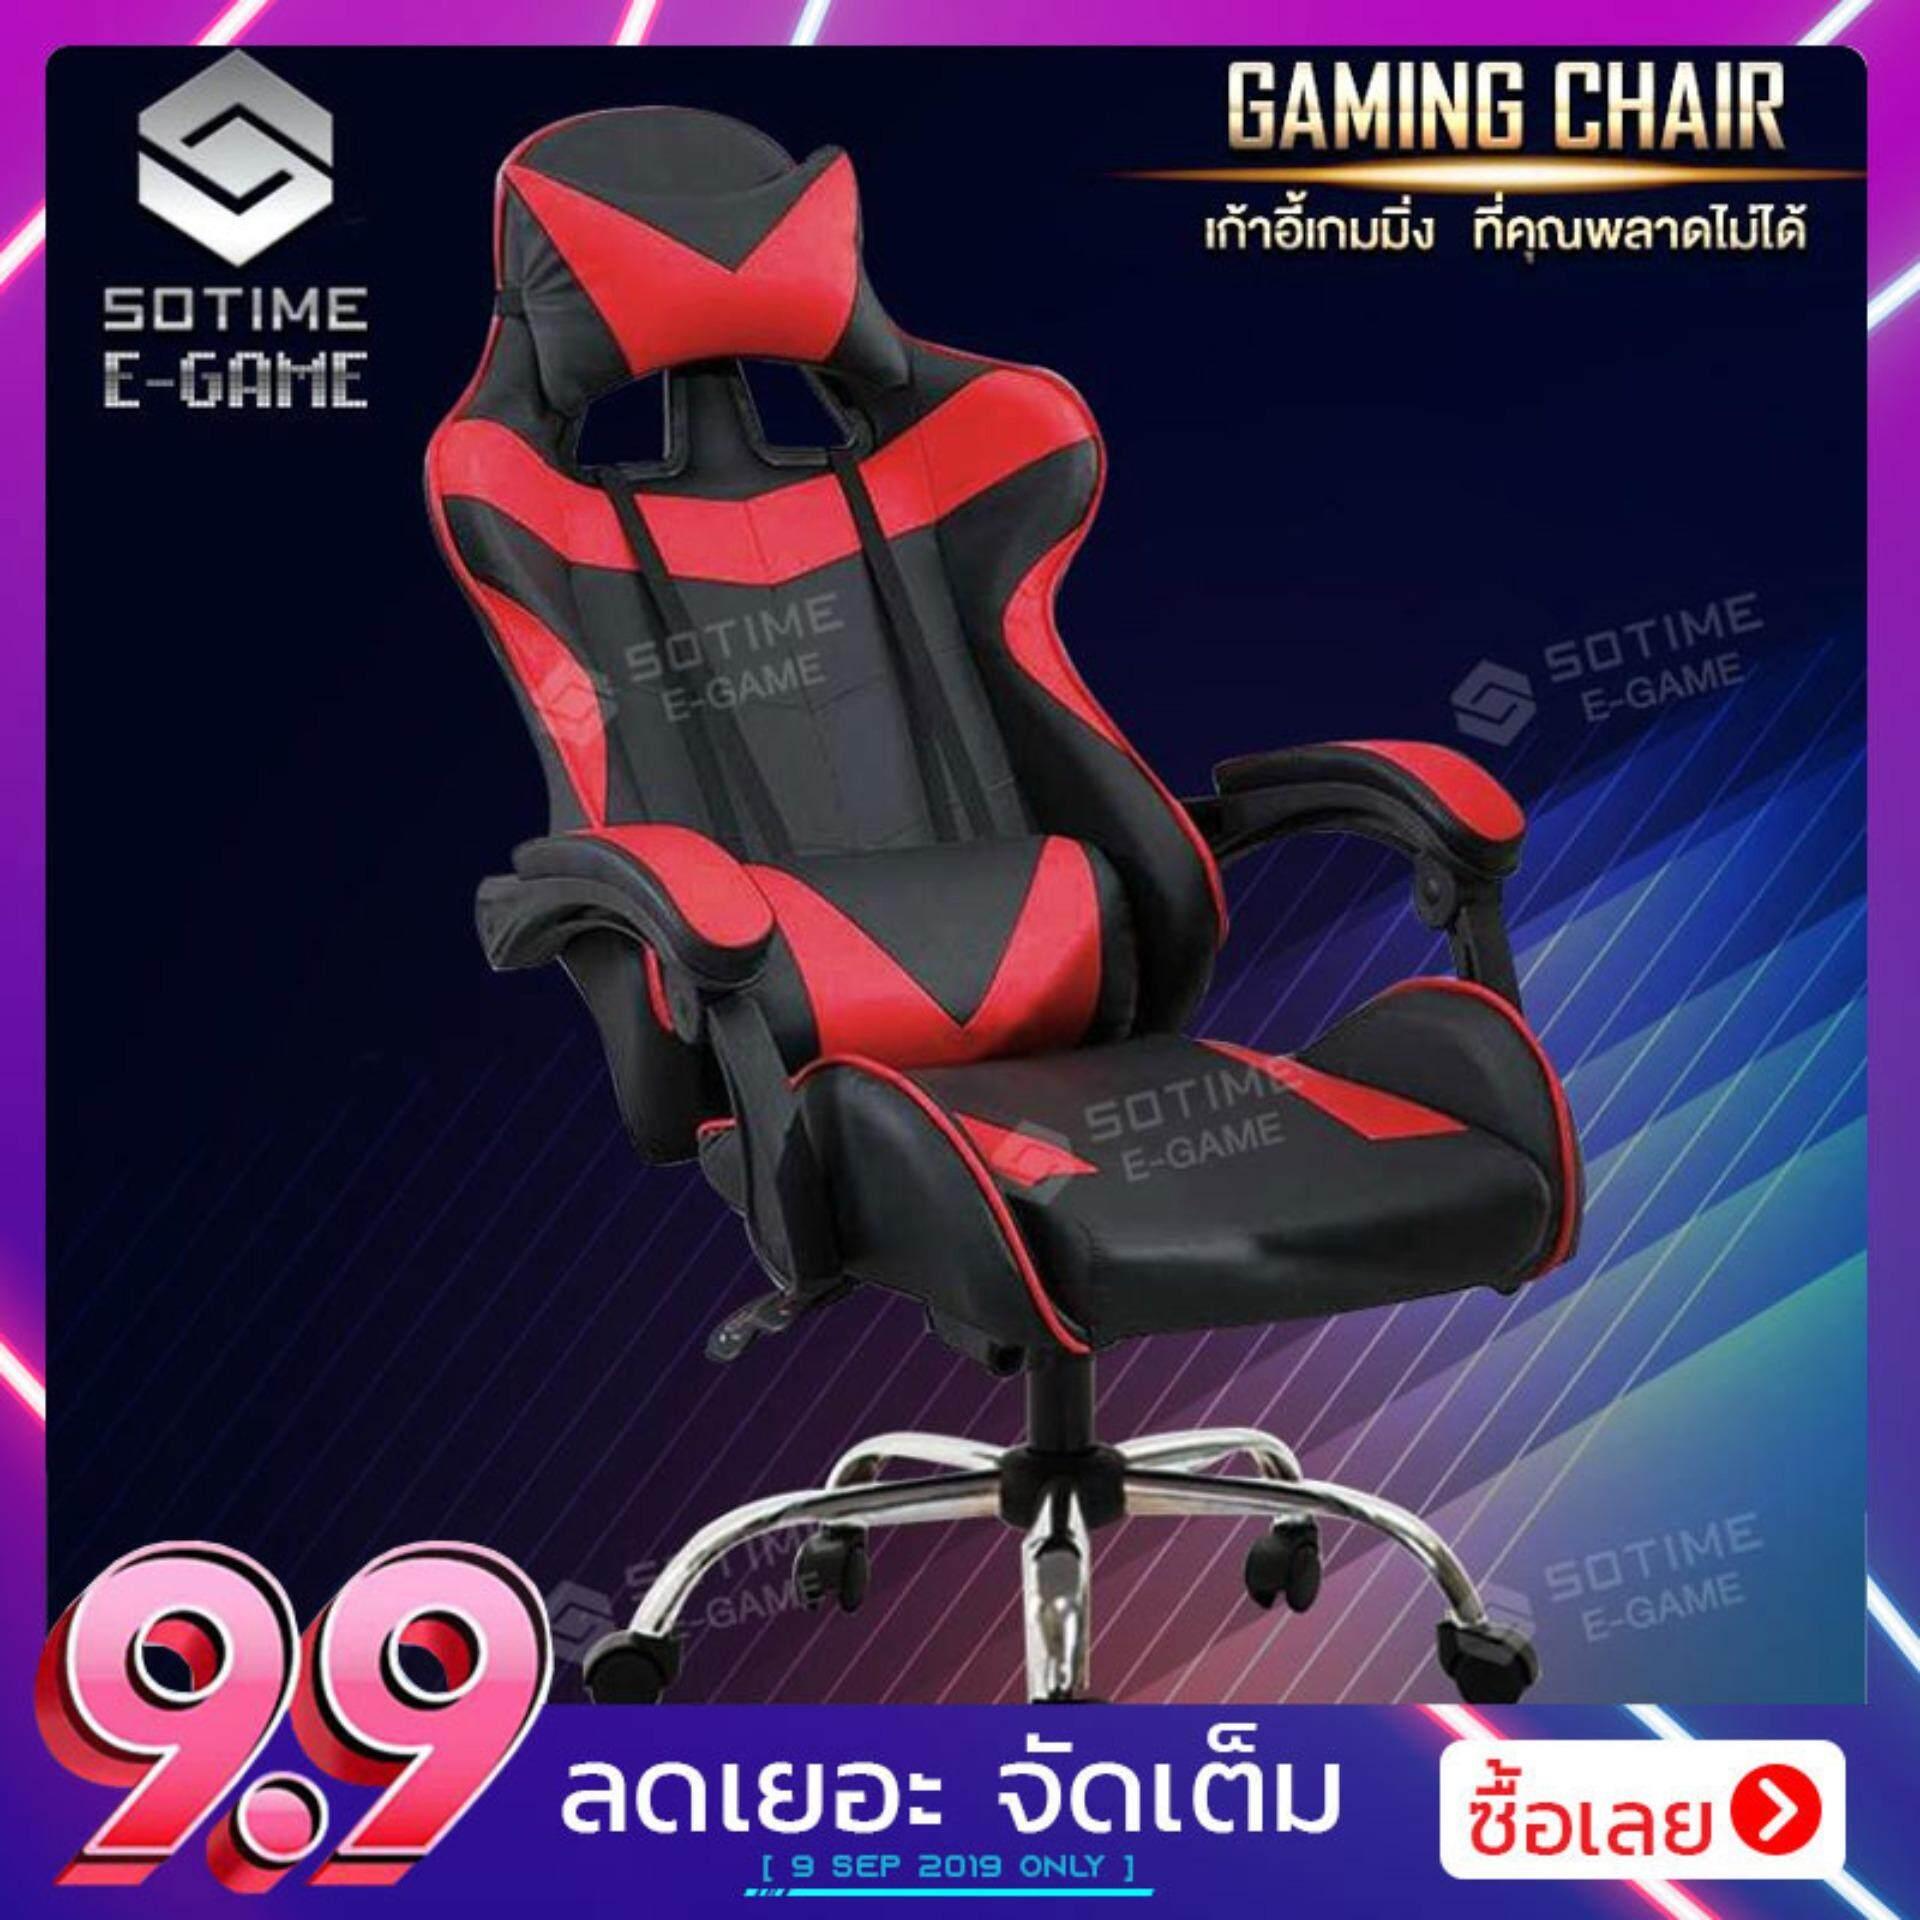 การใช้งาน  e-game เก้าอี้เล่นเกมส์ เก้าอี้เล่นเกม เก้าอี้เกม เก้าอี้ปรับระดับได้ เก้าอี้ทำงาน Racing Gaming Chair gam808